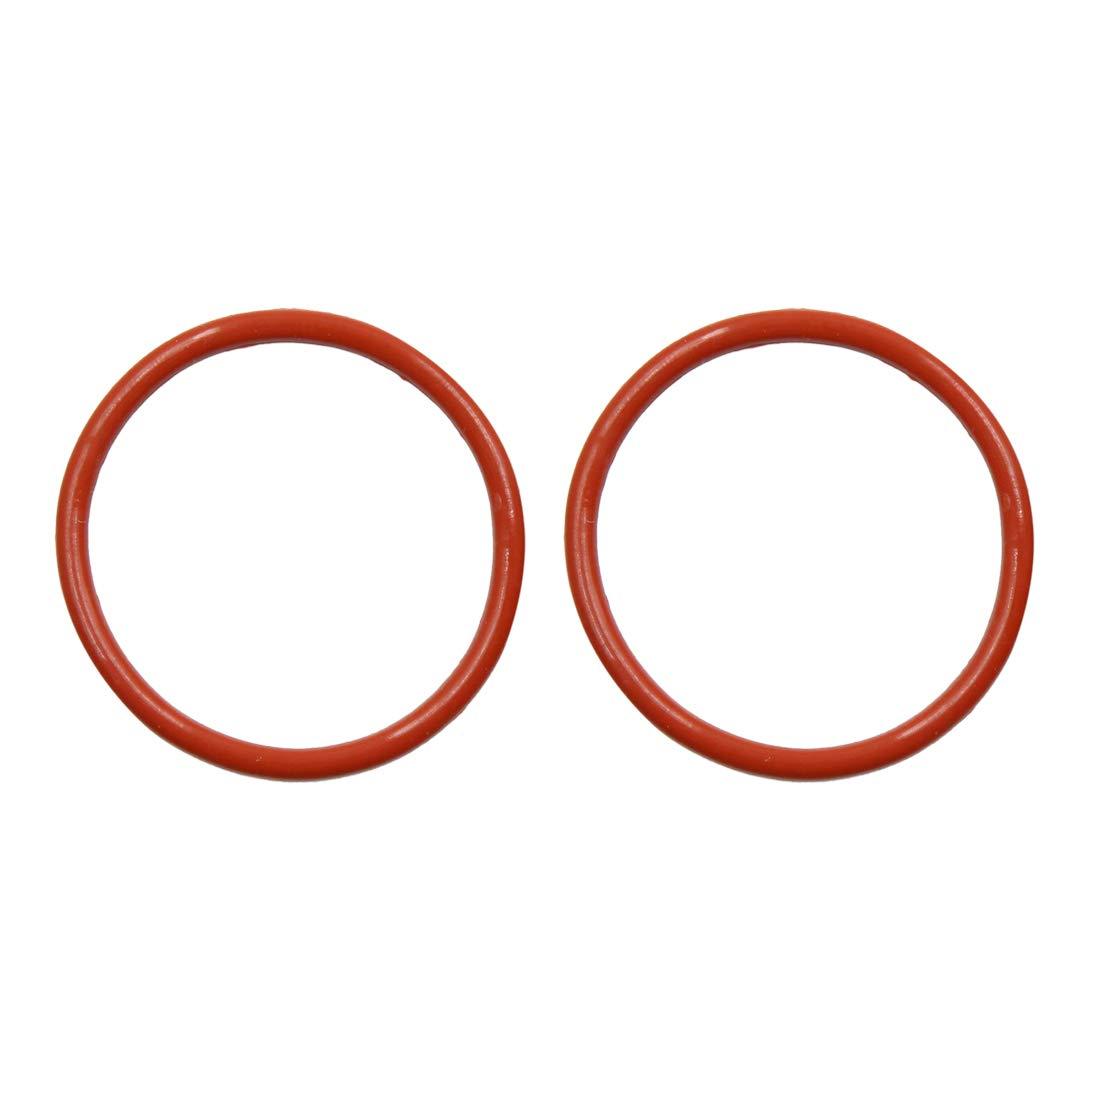 O-Ring VMQ Dichtungsscheiben Silikon Gummi 44mm x 3,1mm Braun f/ür Auto sourcing map 10 STK